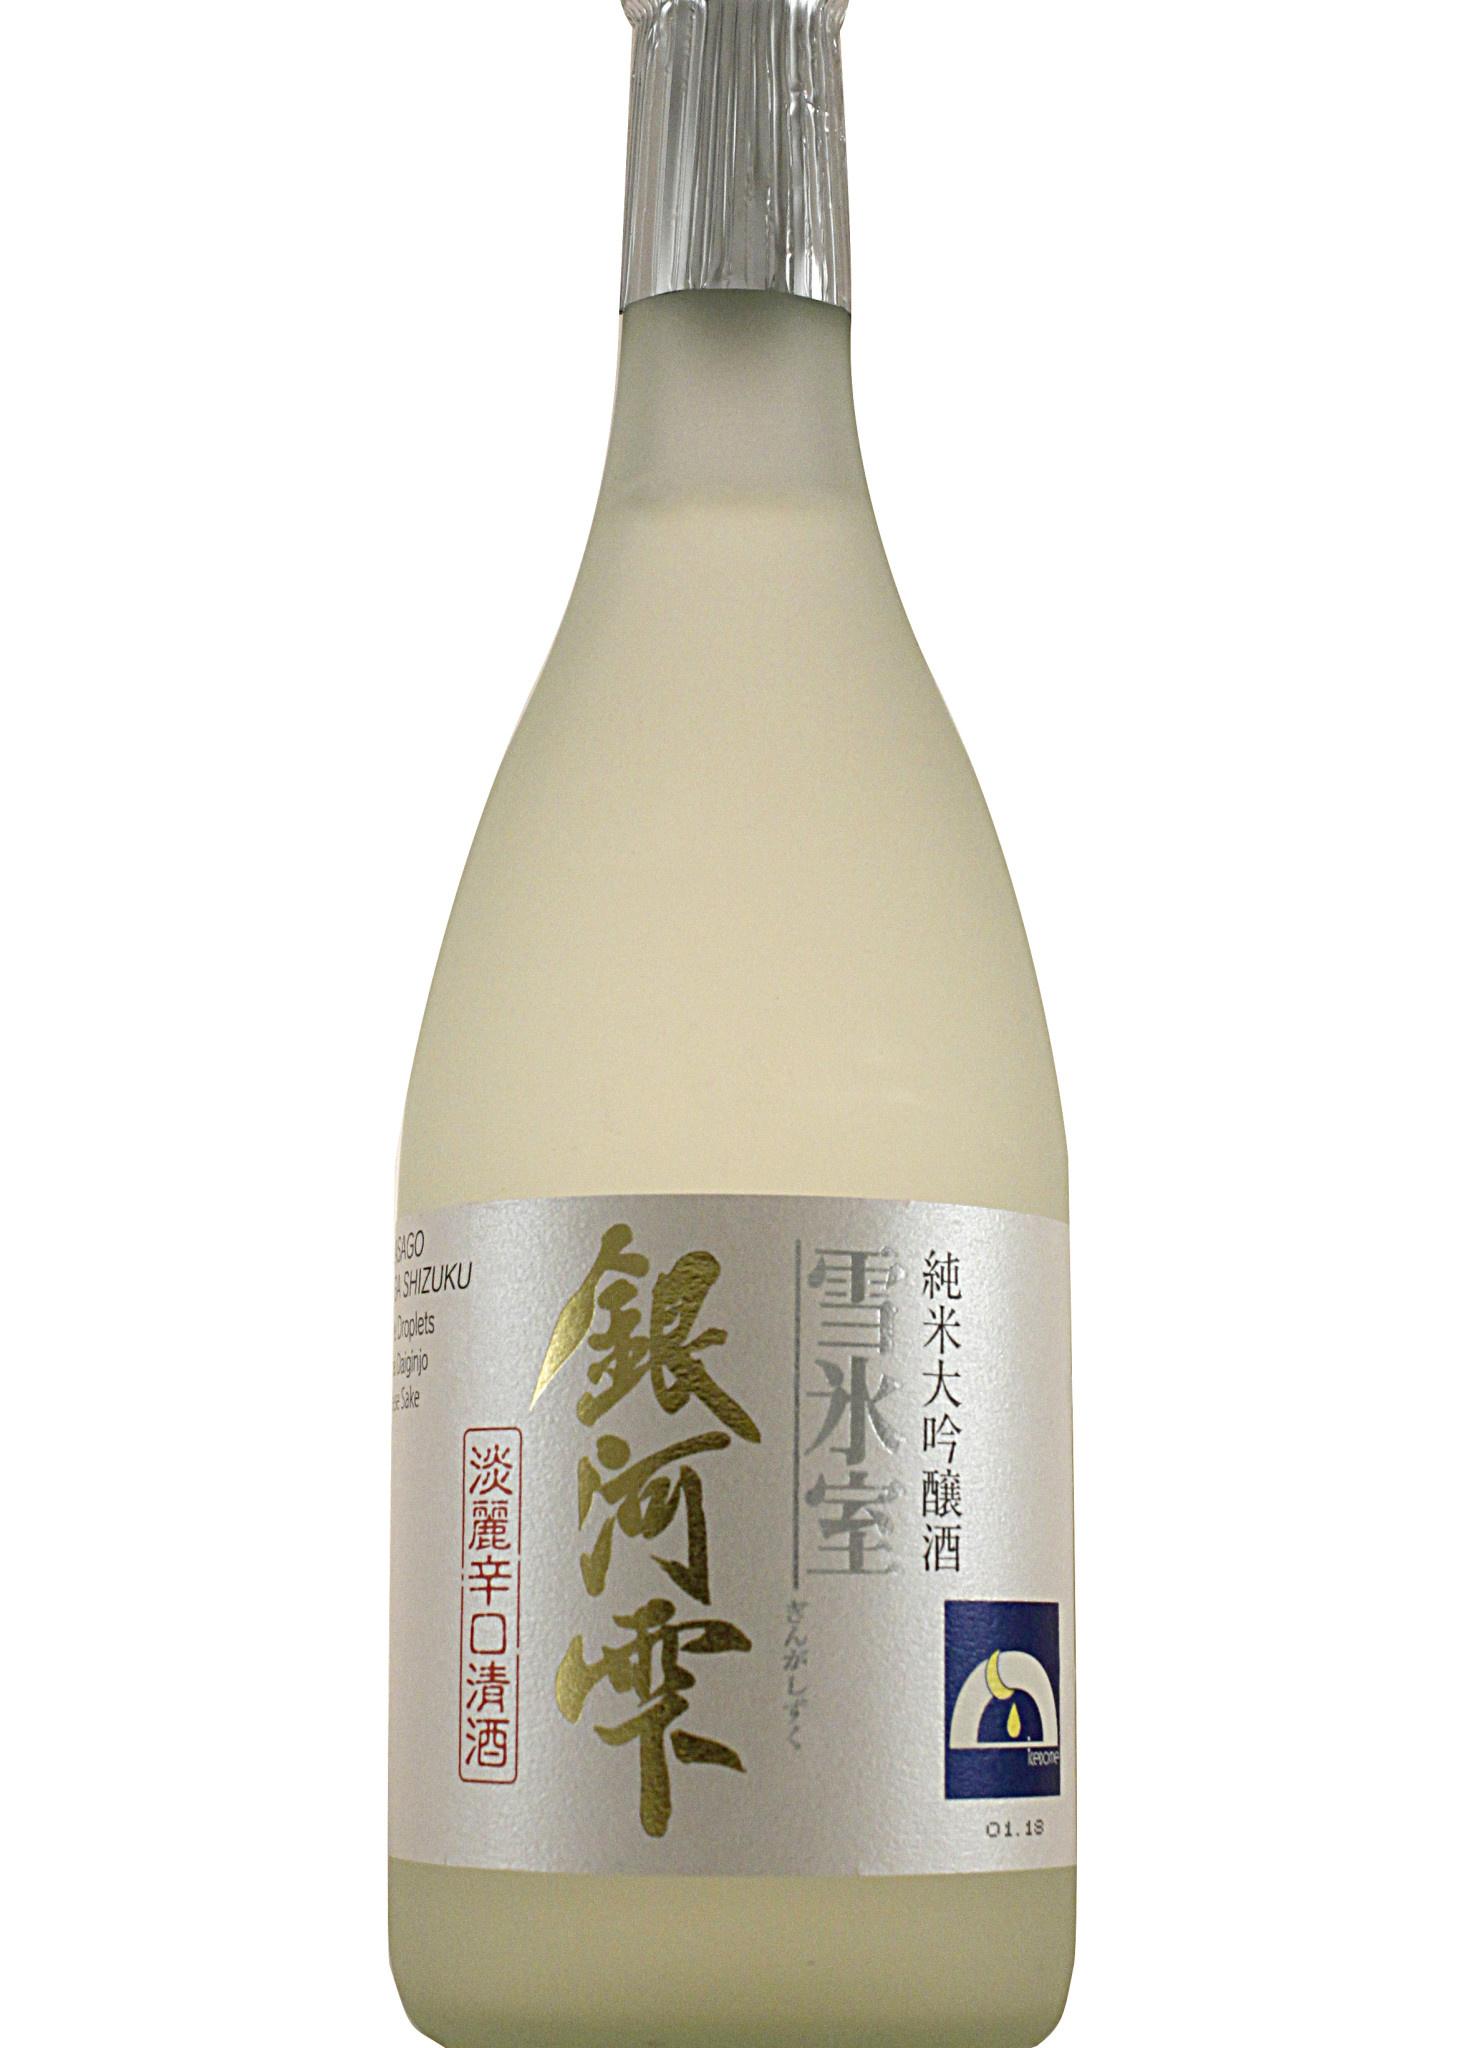 """Ginga Shizuku """"Divine Droplets"""" Junmai Daiginjo Sake, Hokkaido Prefecture, Japan"""